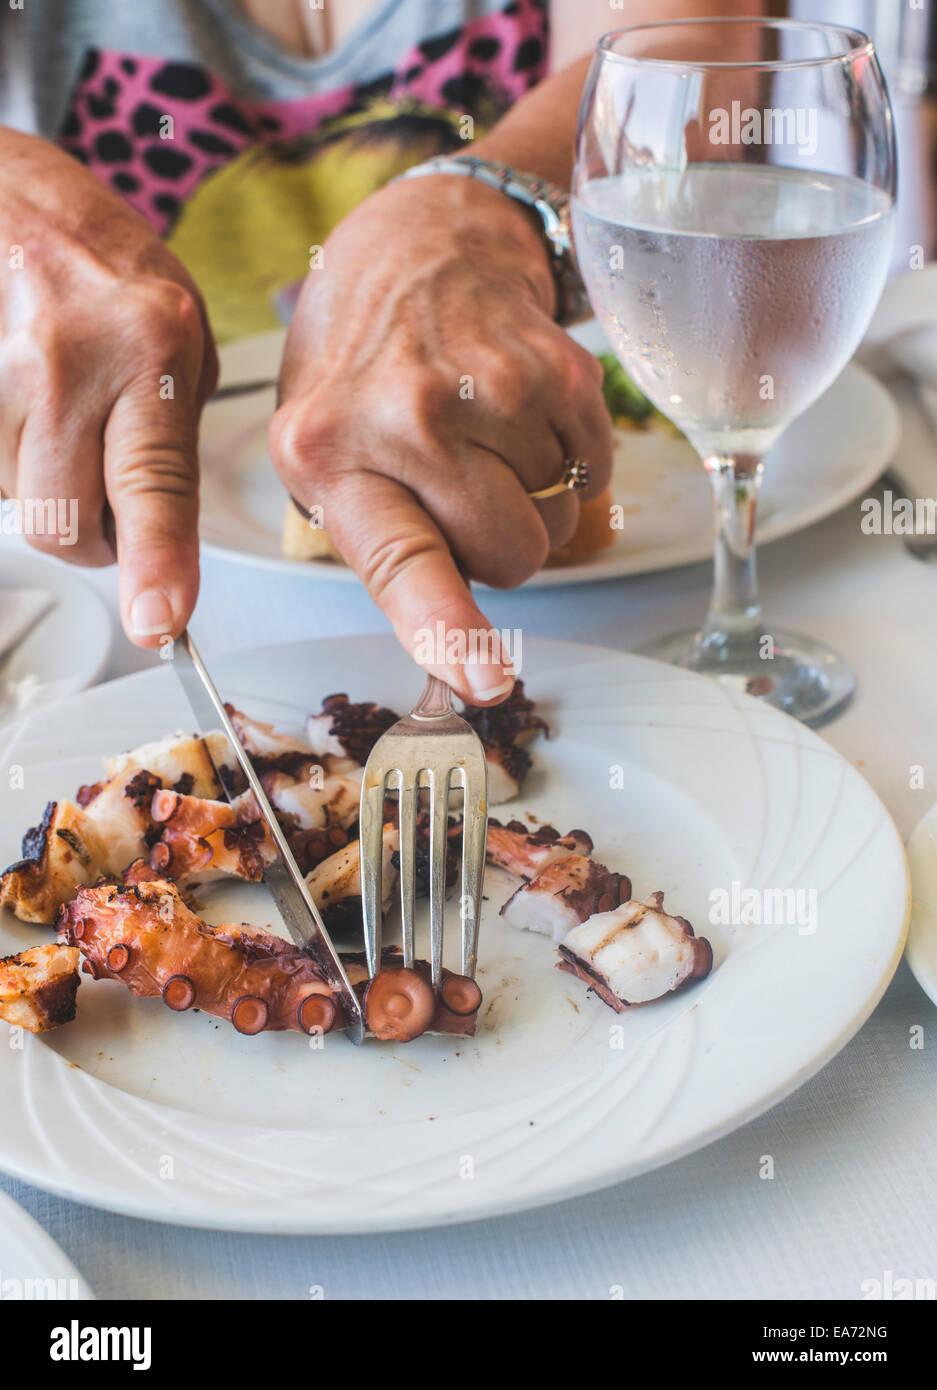 Oktopus in einem griechischen Restaurant. Hände sind schneiden Krake Stockbild